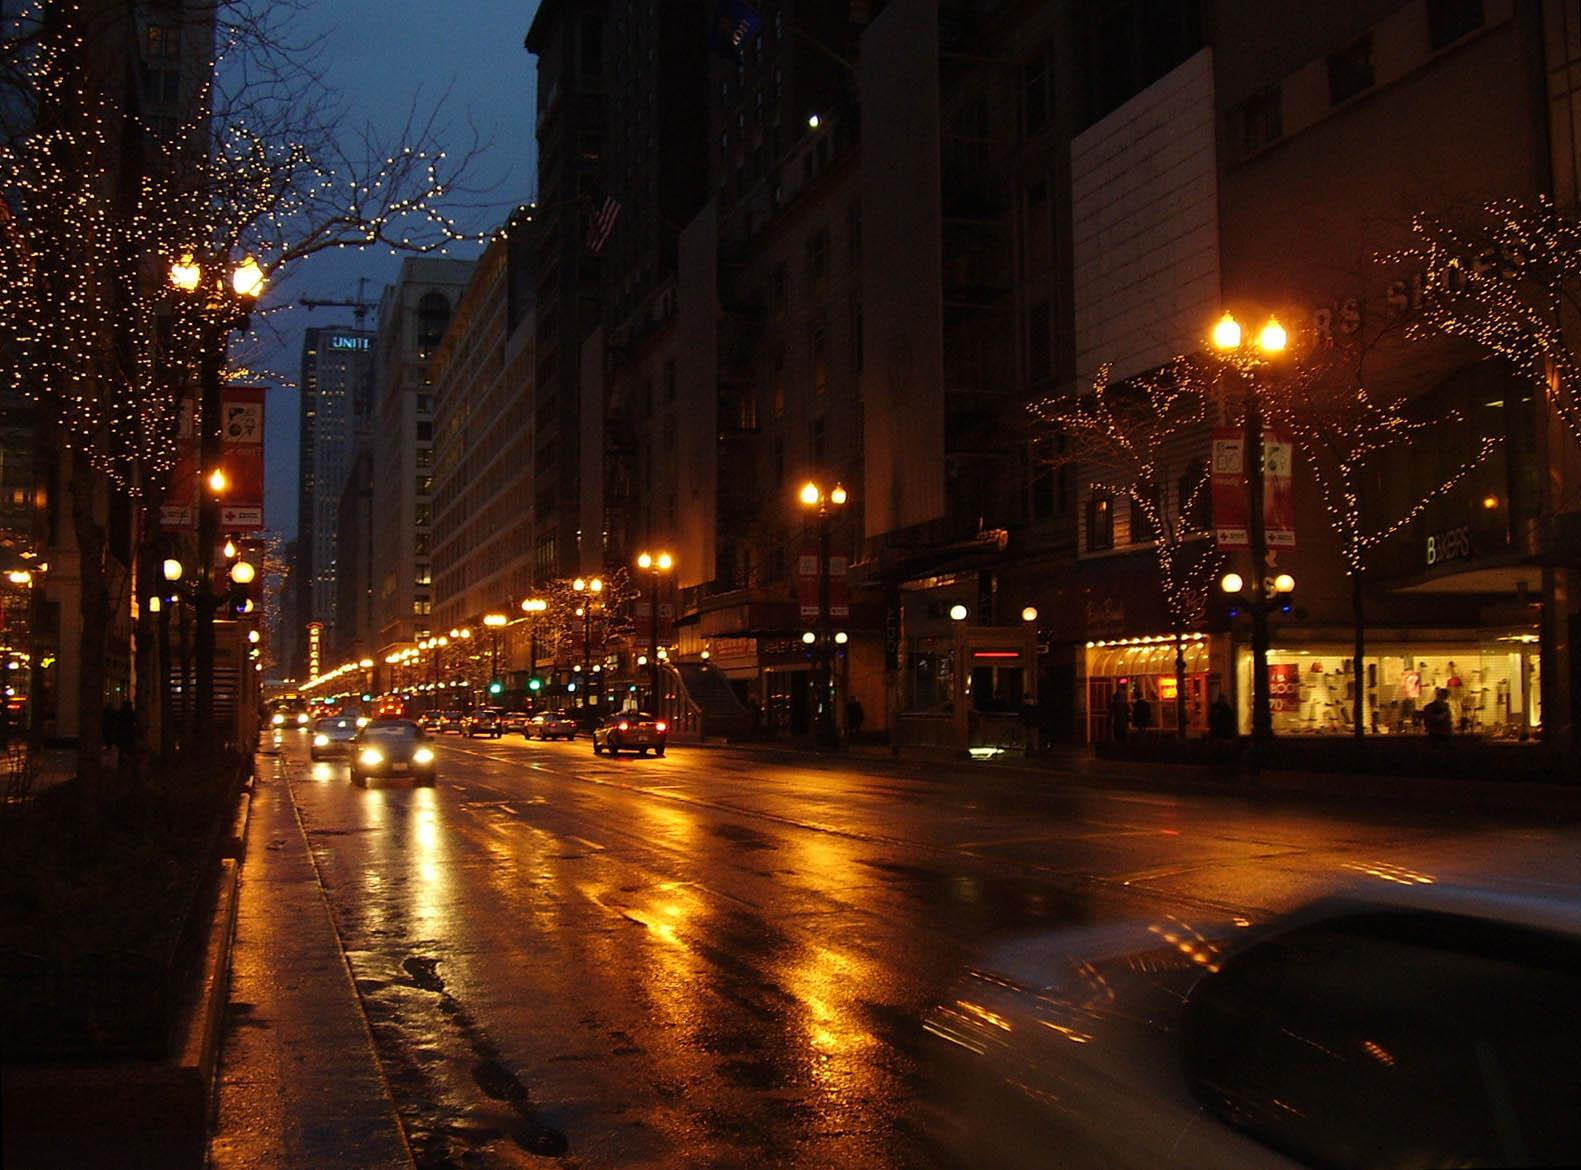 Fink street